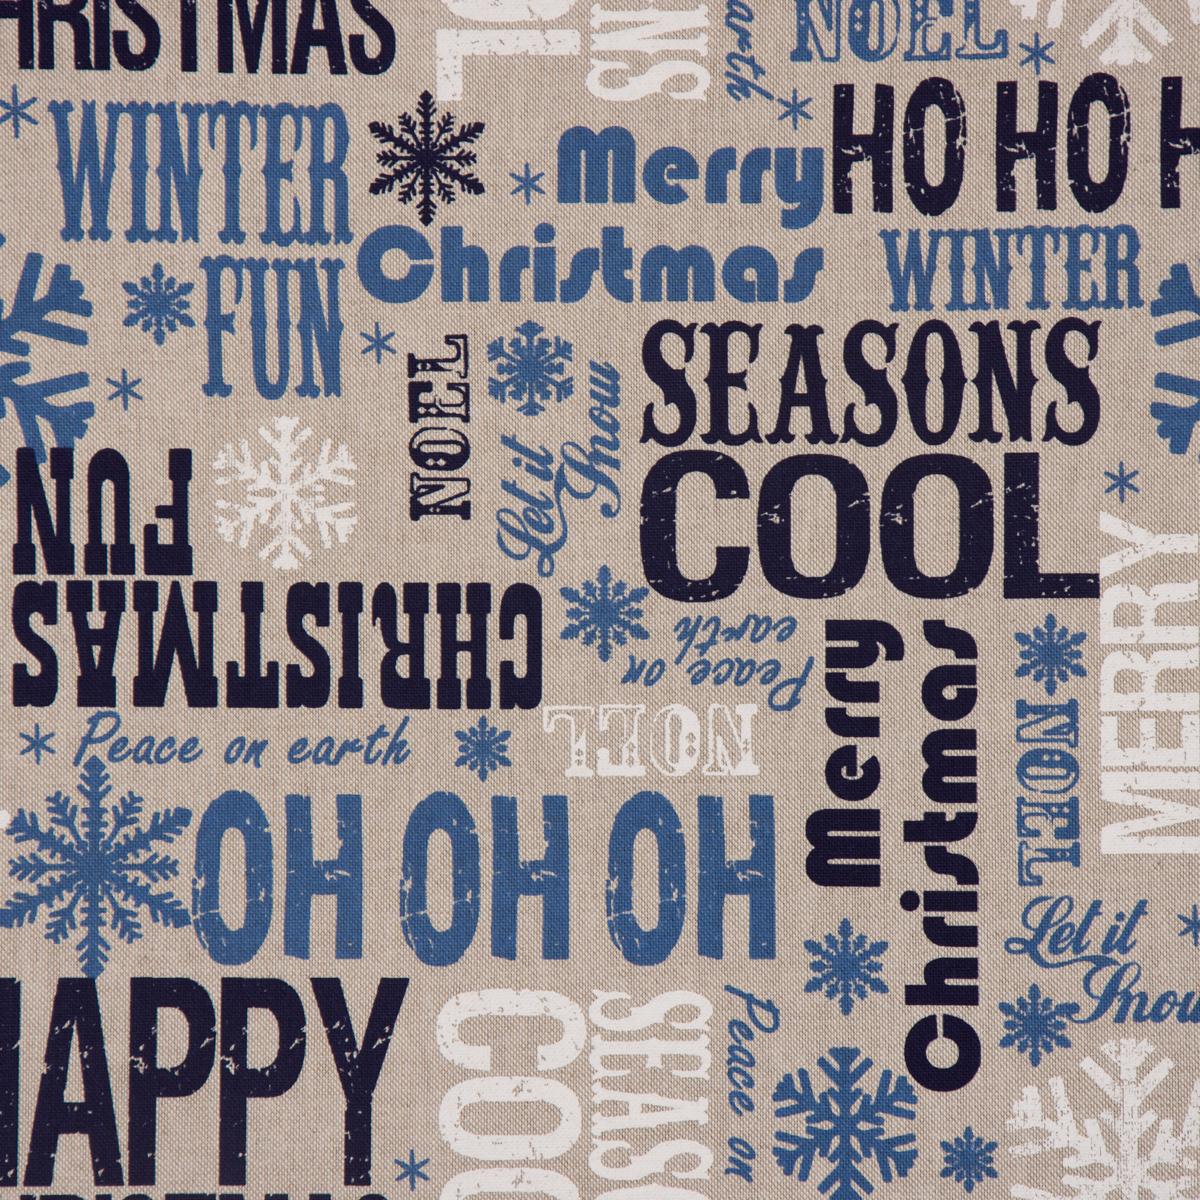 Gardinen Weihnachten.Dekostoff Weihnachten Christmas Schriftzug Natur Weiß Blau Töne 1 40m Breite Meine Gardinen De Der Gardinen Spezialshop Von Schöner Leben